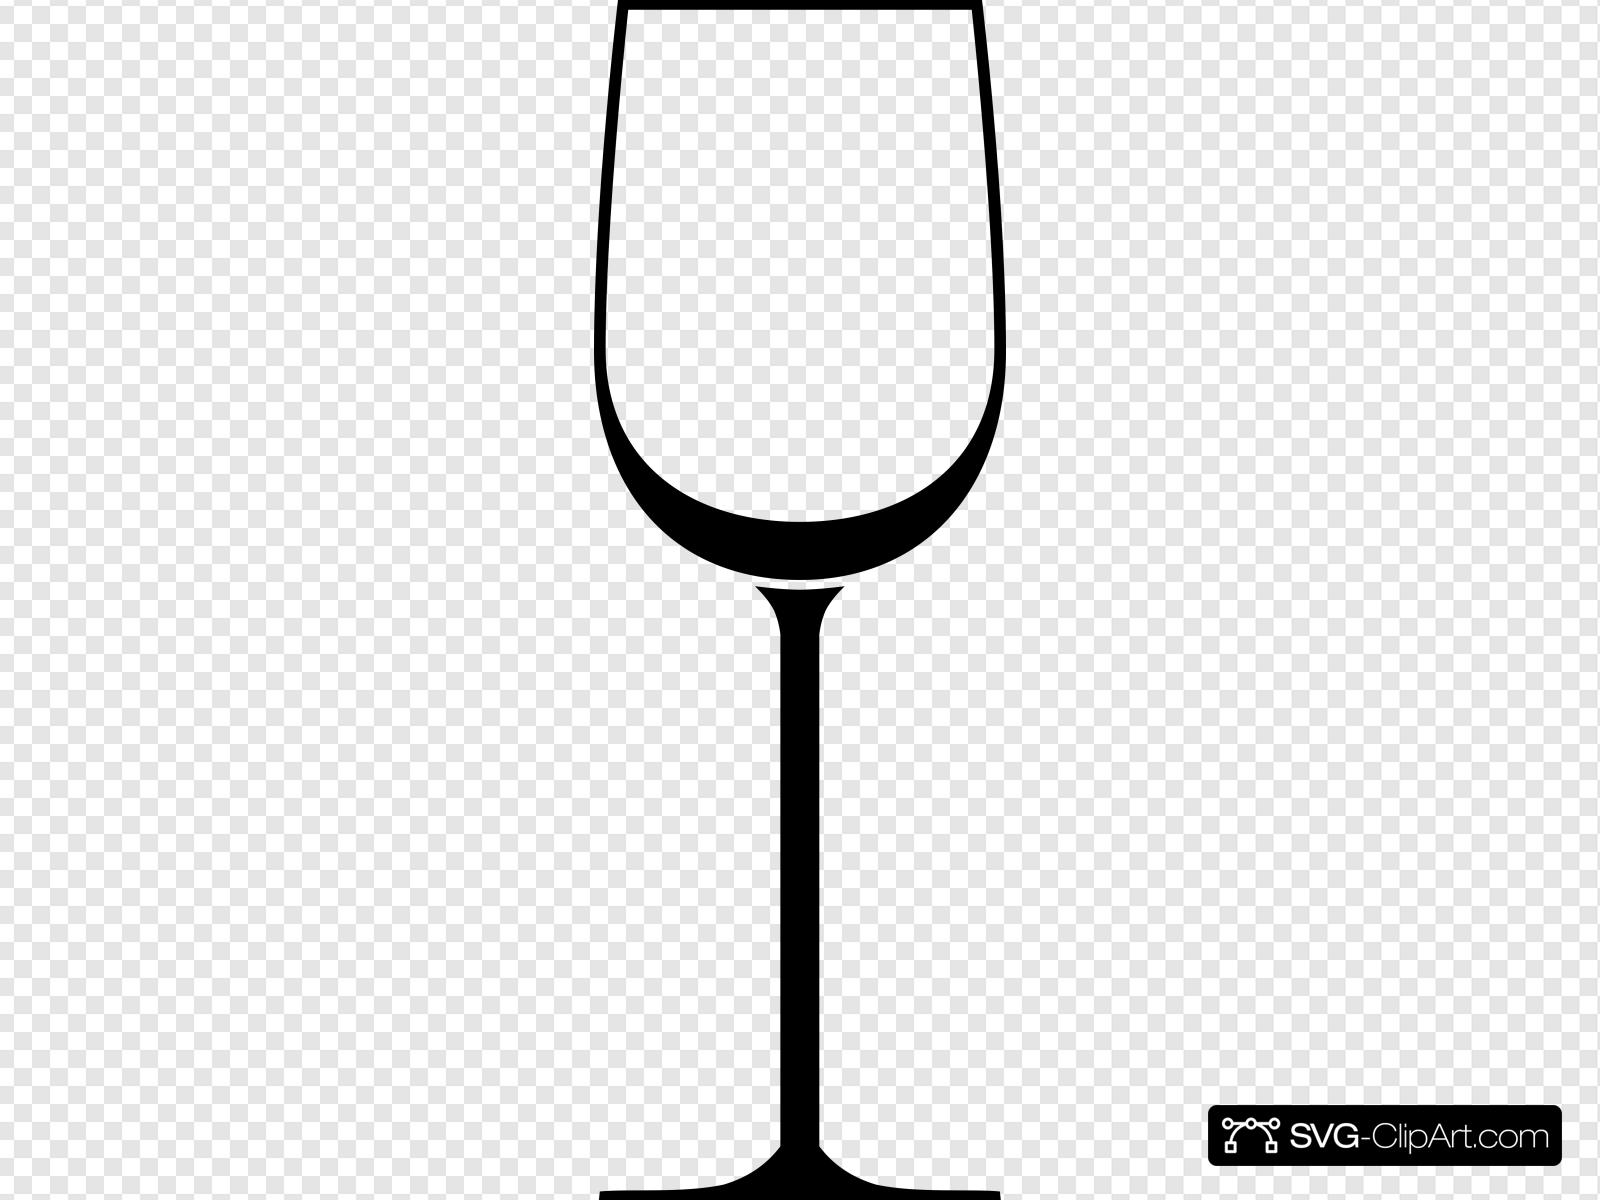 White Wine Glass Clip art, Icon and SVG.